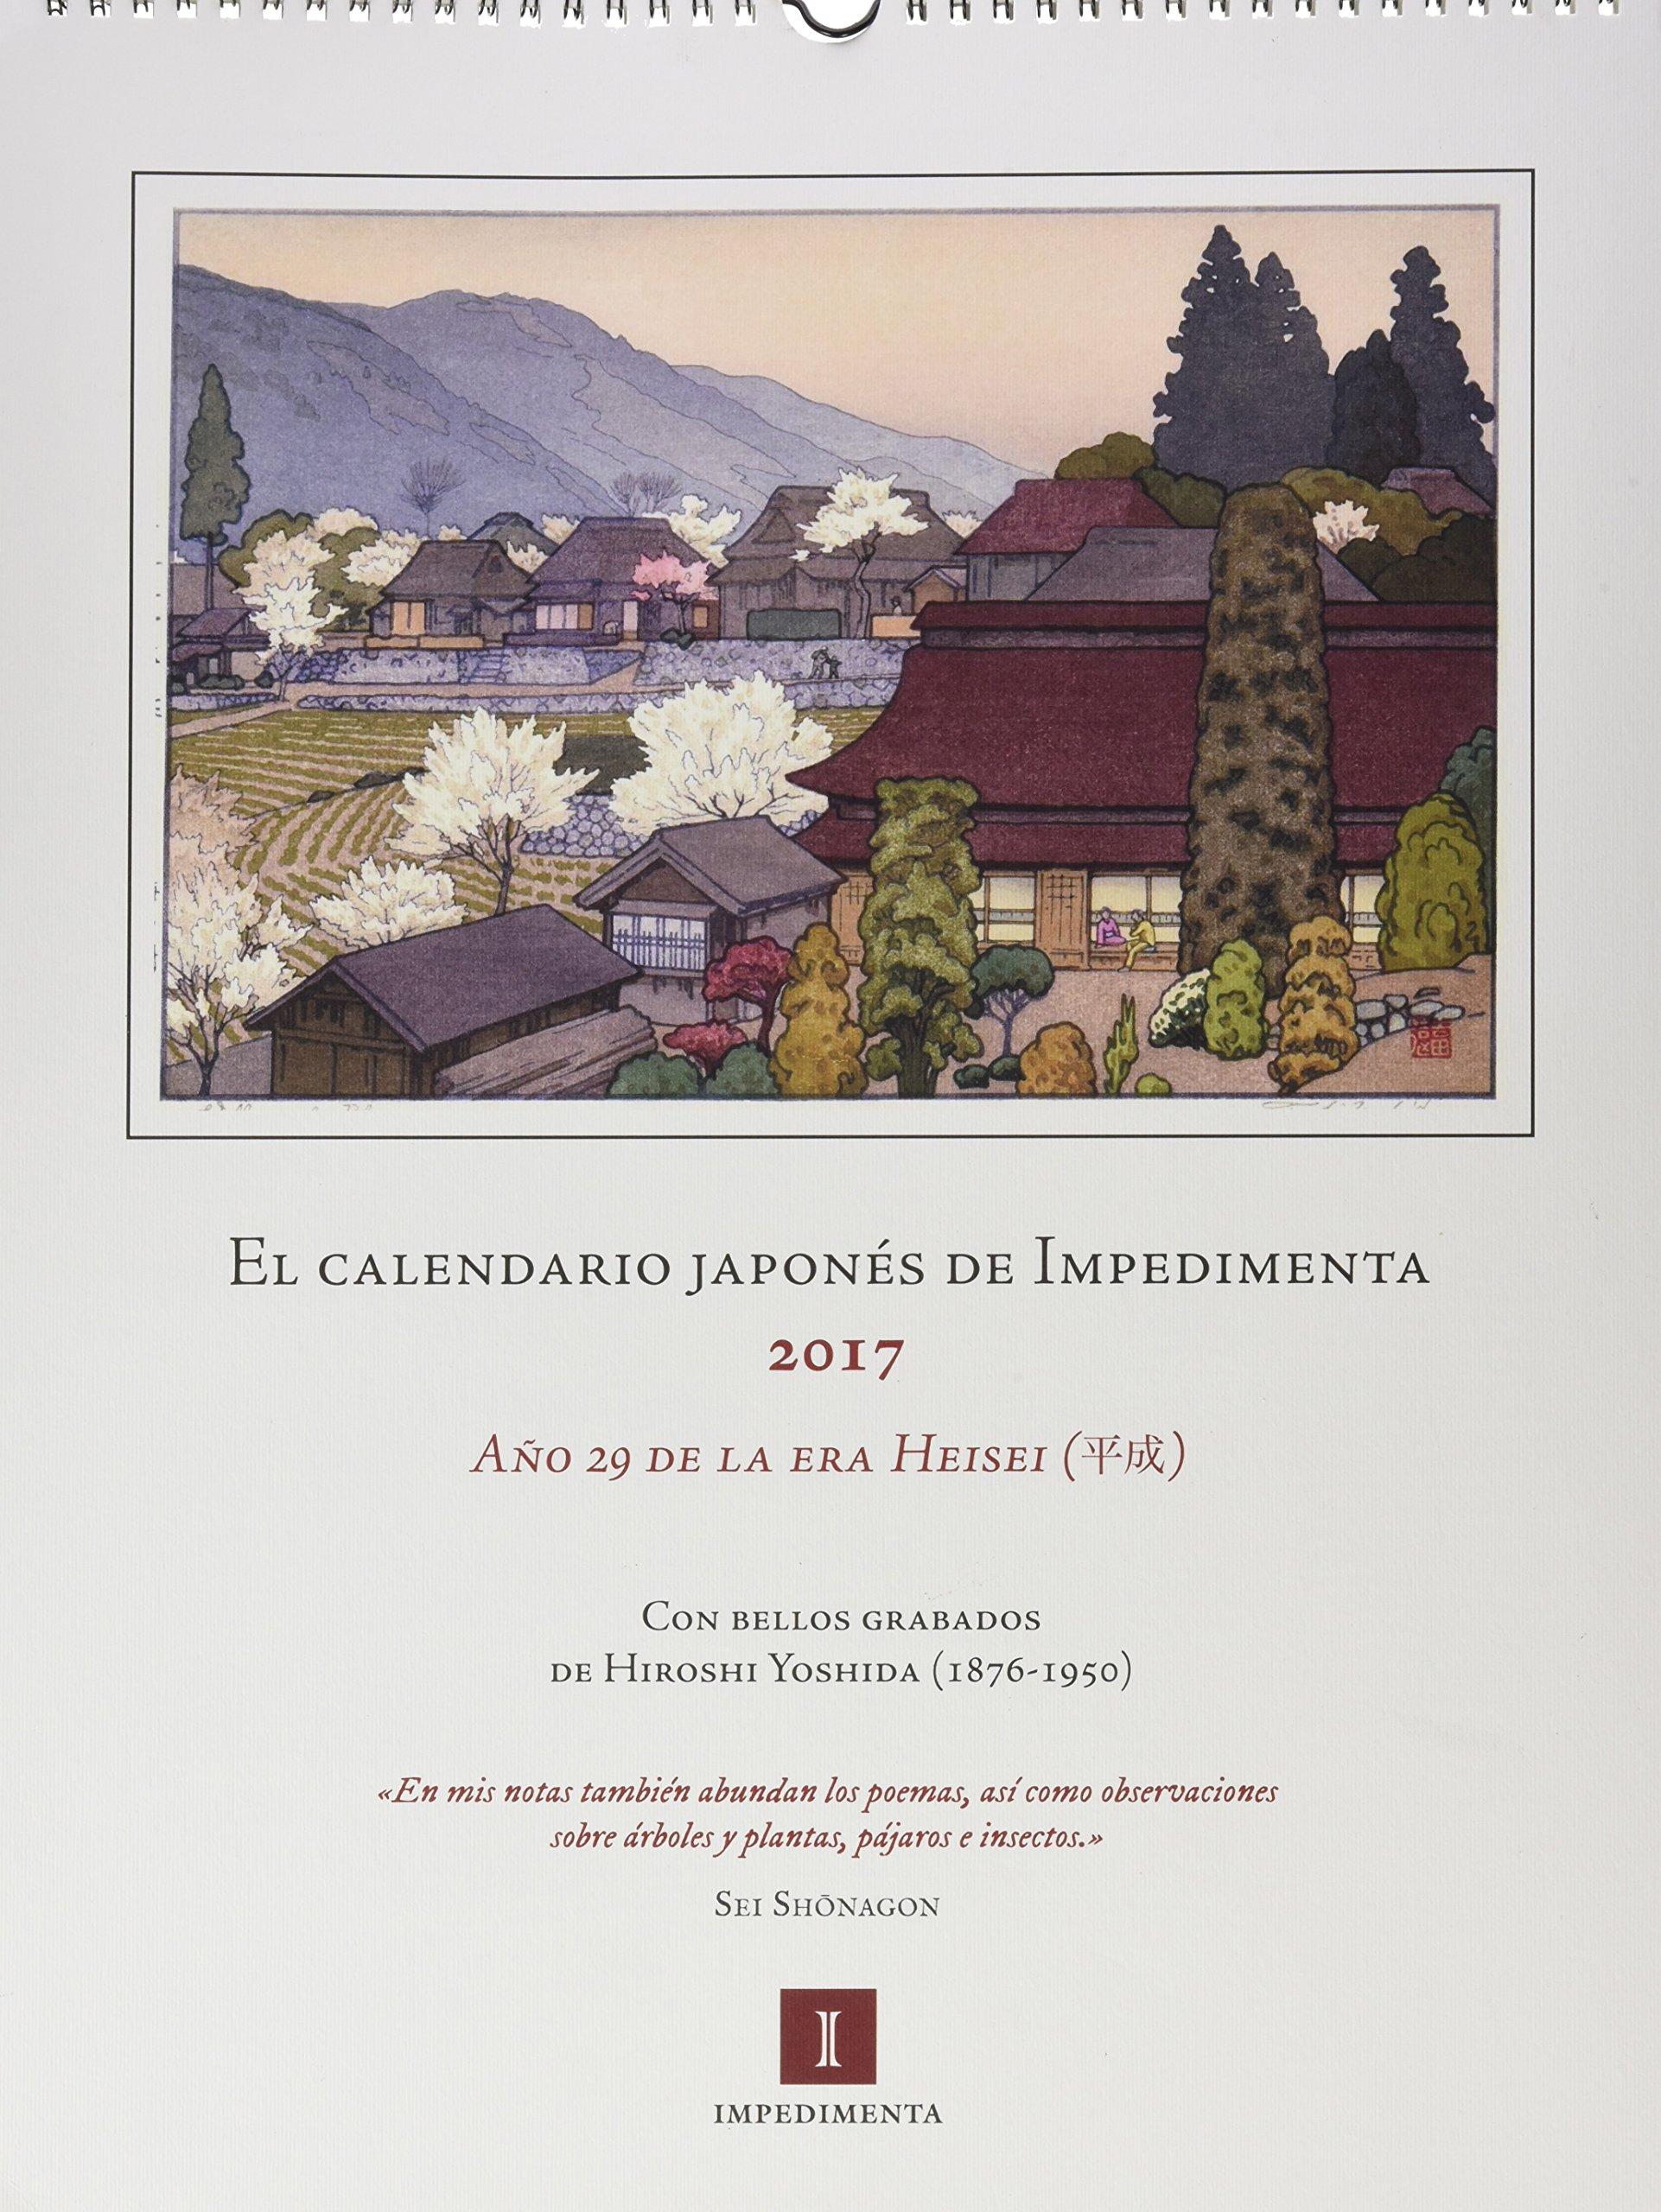 Calendario Japones.El Calendario Japones 2017 De Impedimenta Amazon Es Varios Autores